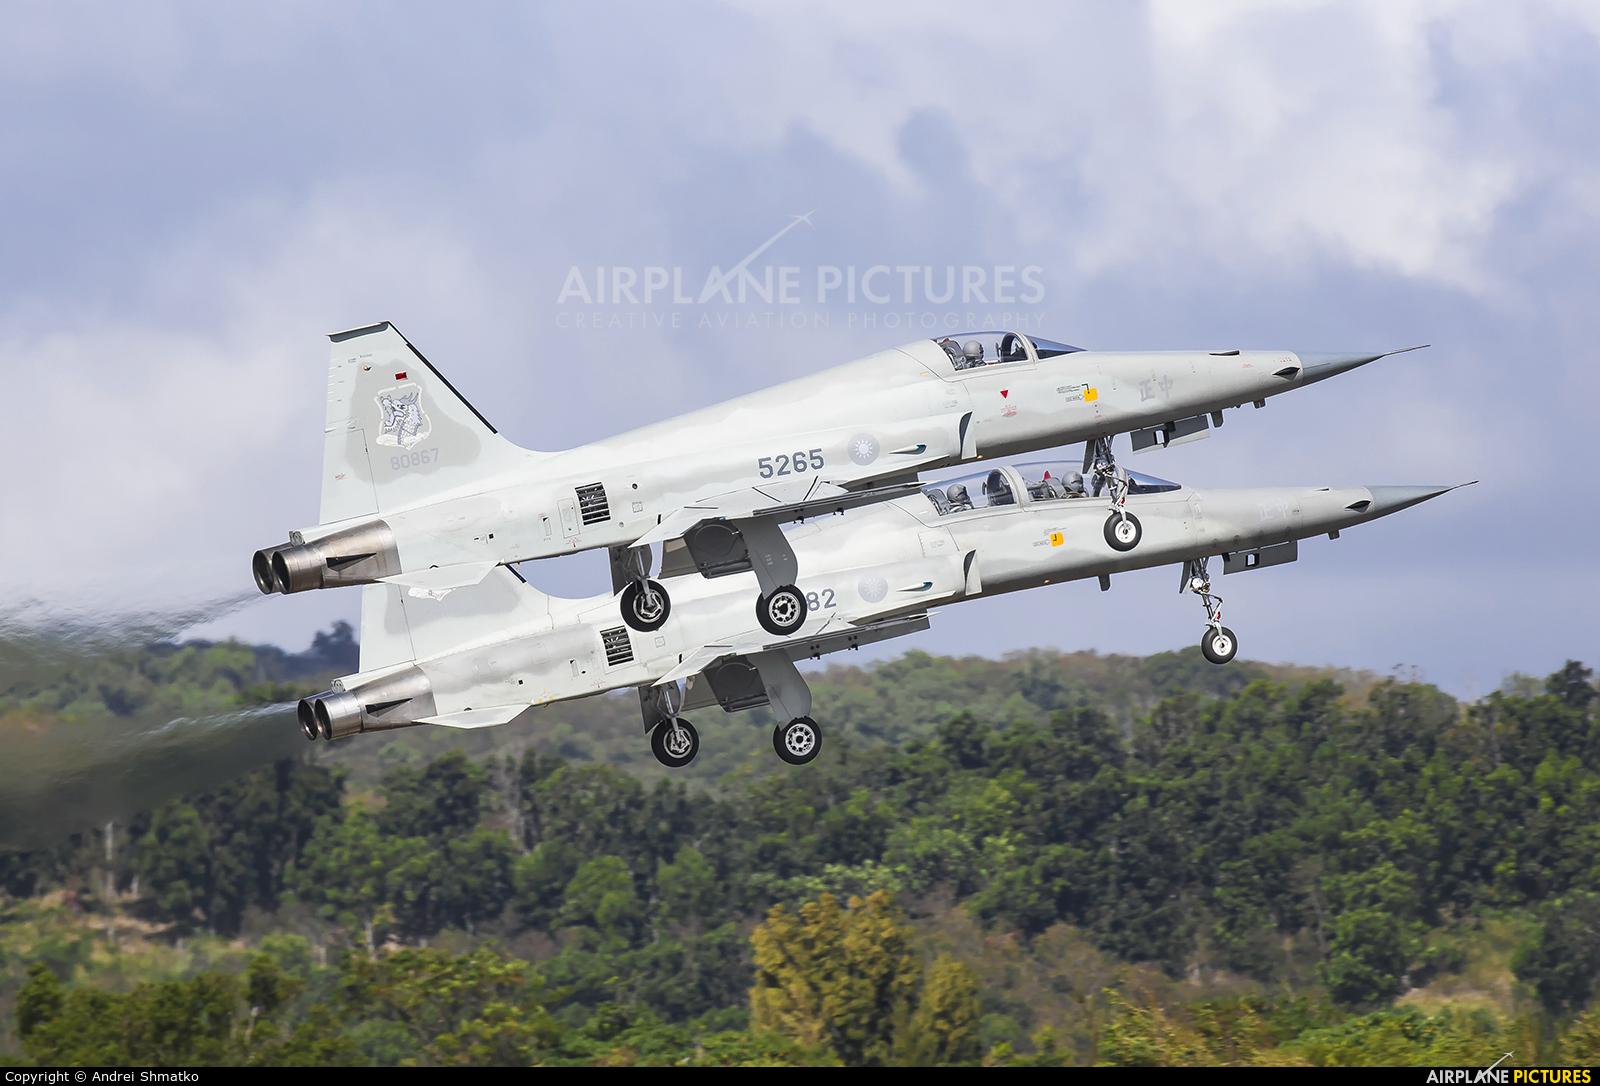 Taiwan - Air Force 78-00867 aircraft at Taitung/Taidong Airport